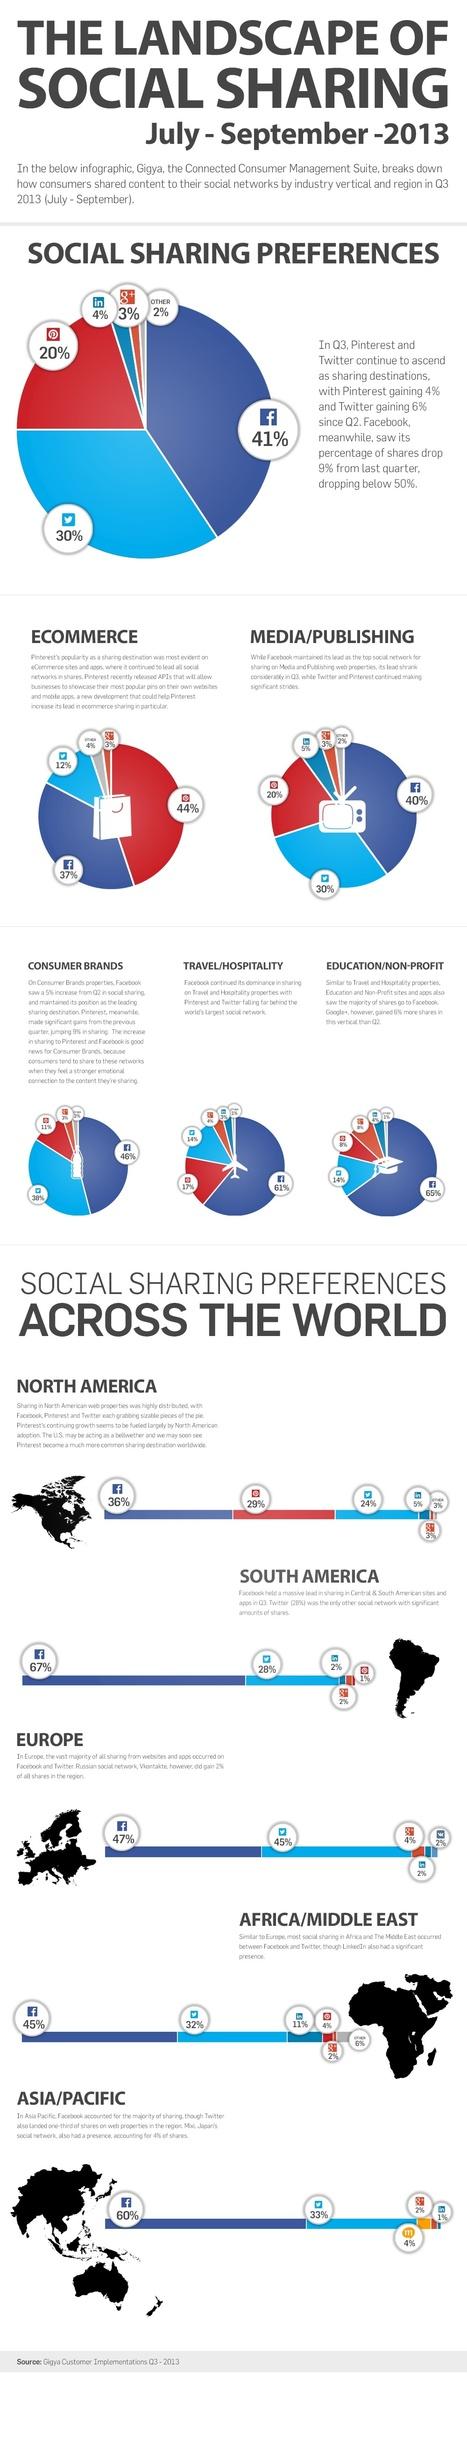 Sur quels réseaux sociaux les internautes parta... | communication | Scoop.it